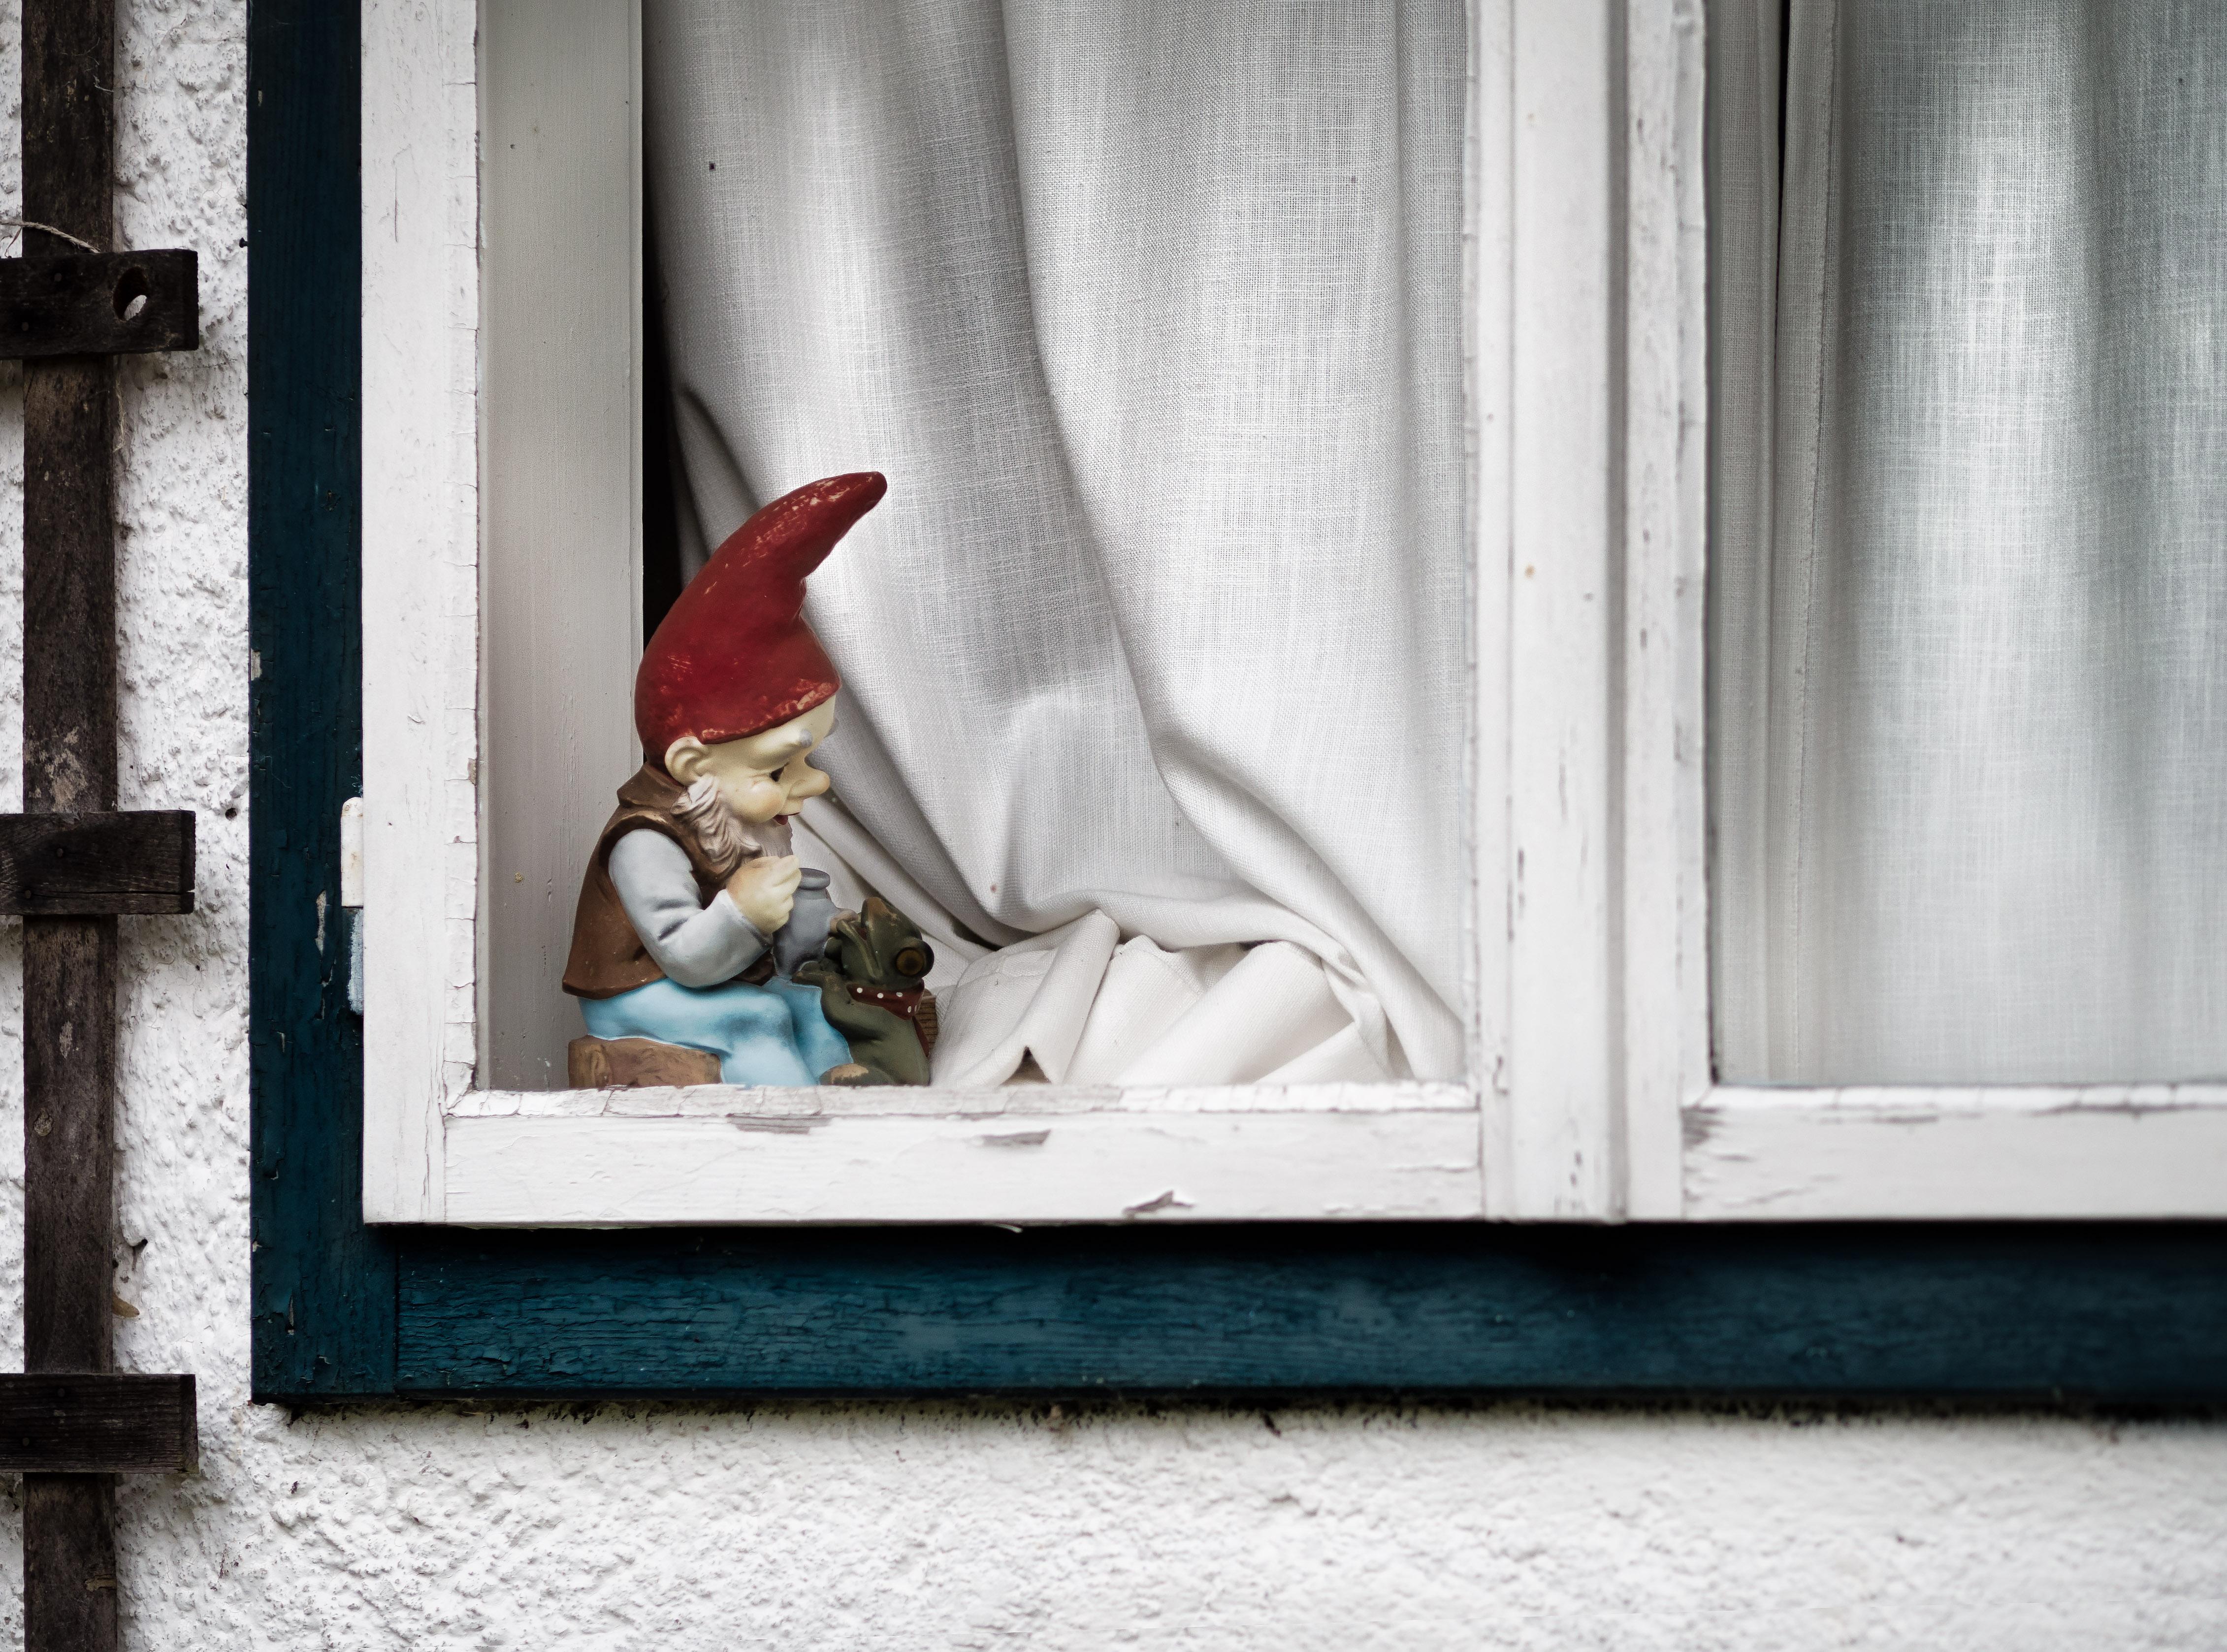 무료 이미지 : 화이트, 창문, 벽, 색깔, 커튼, 푸른, 개구리 ...